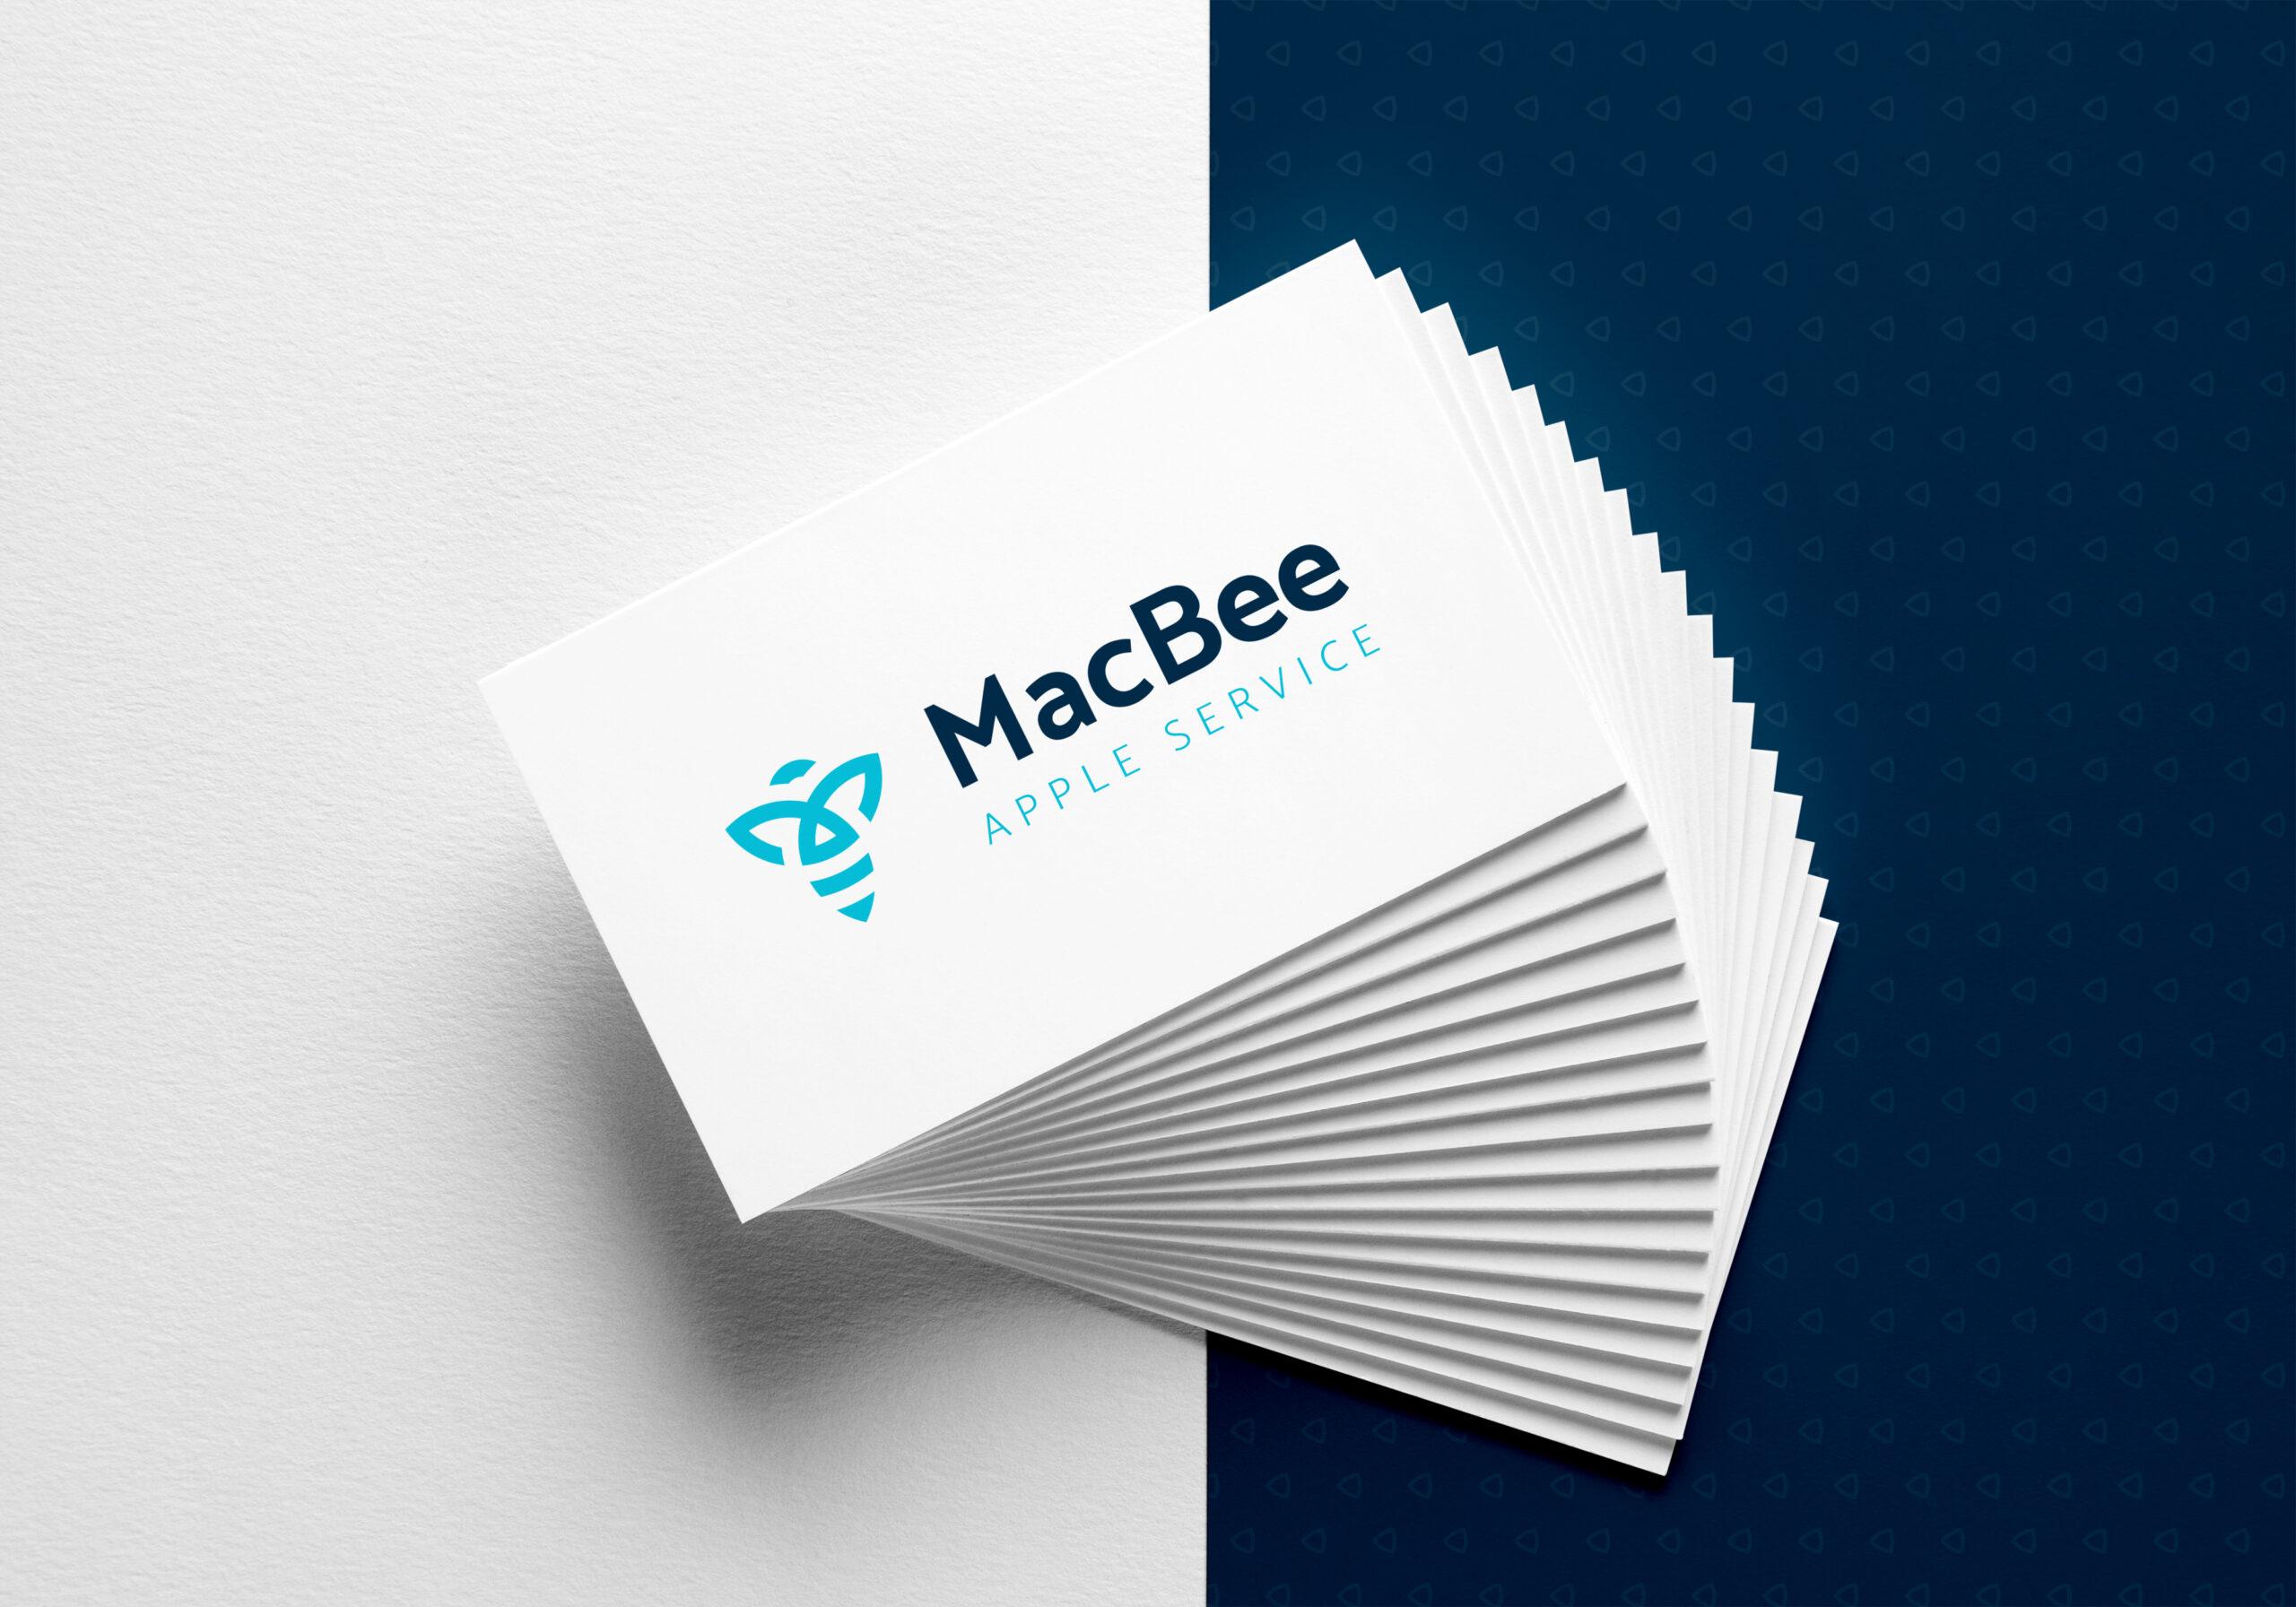 MacBee vizuální identita mockup